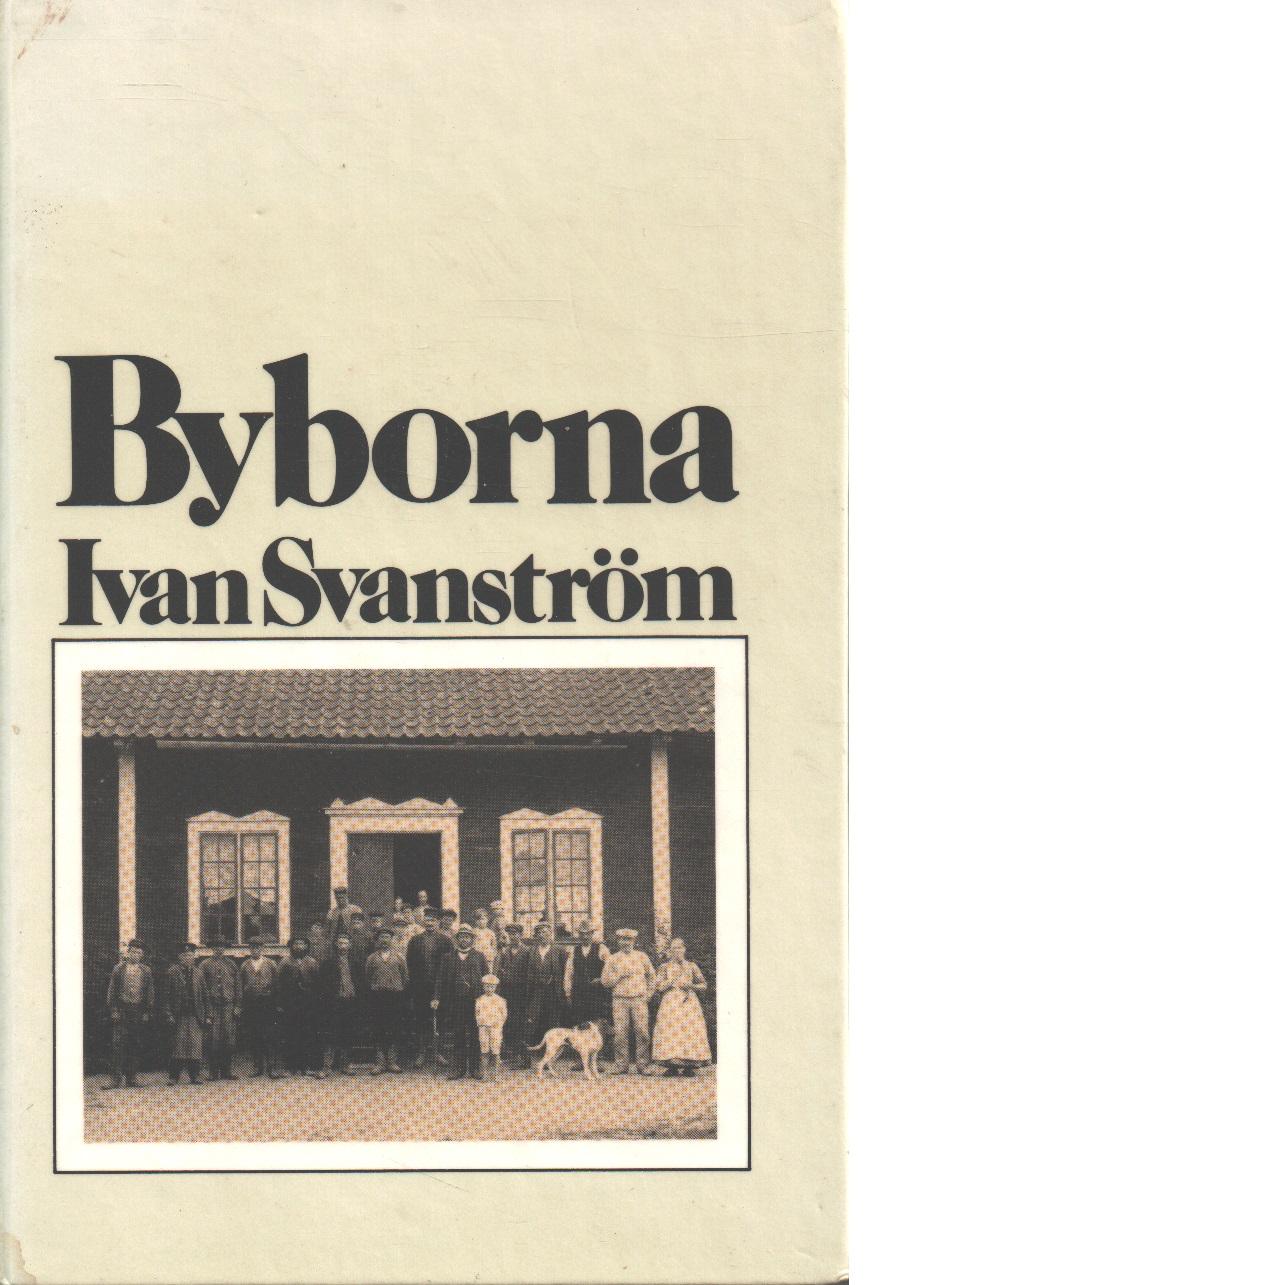 Byborna - Svanström, Ivan